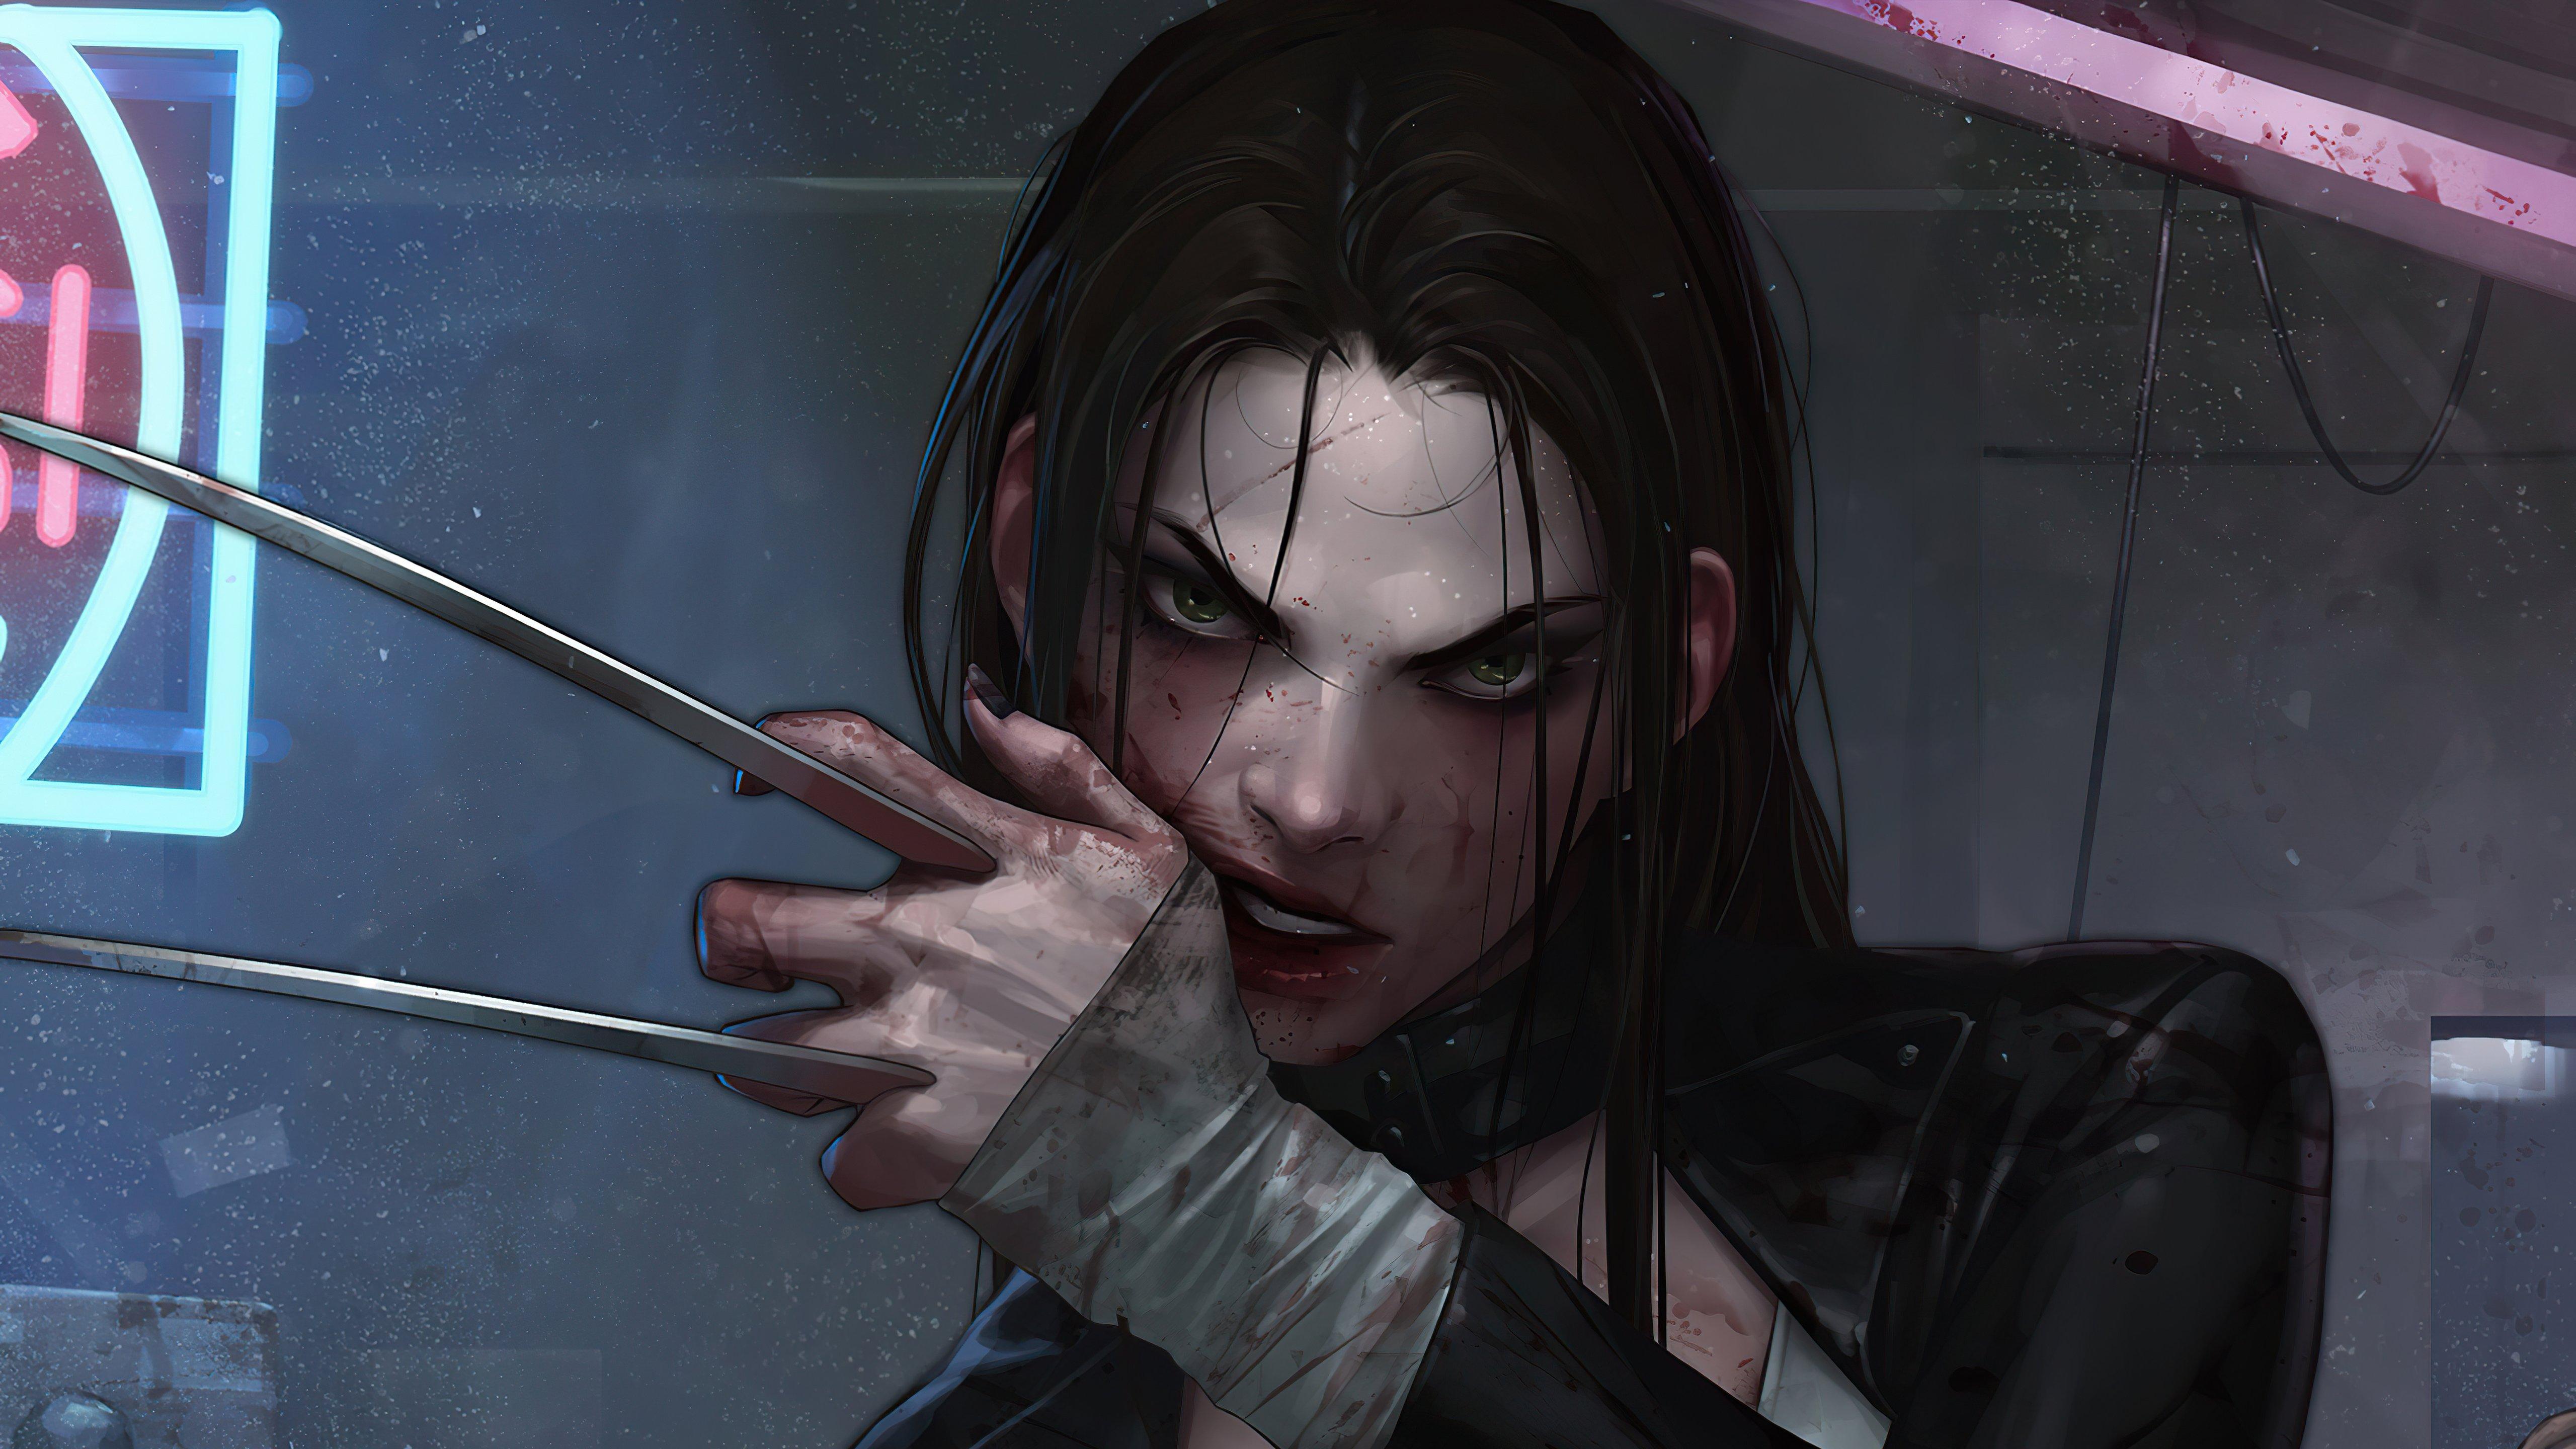 Wallpaper X23 Wolverine con garras